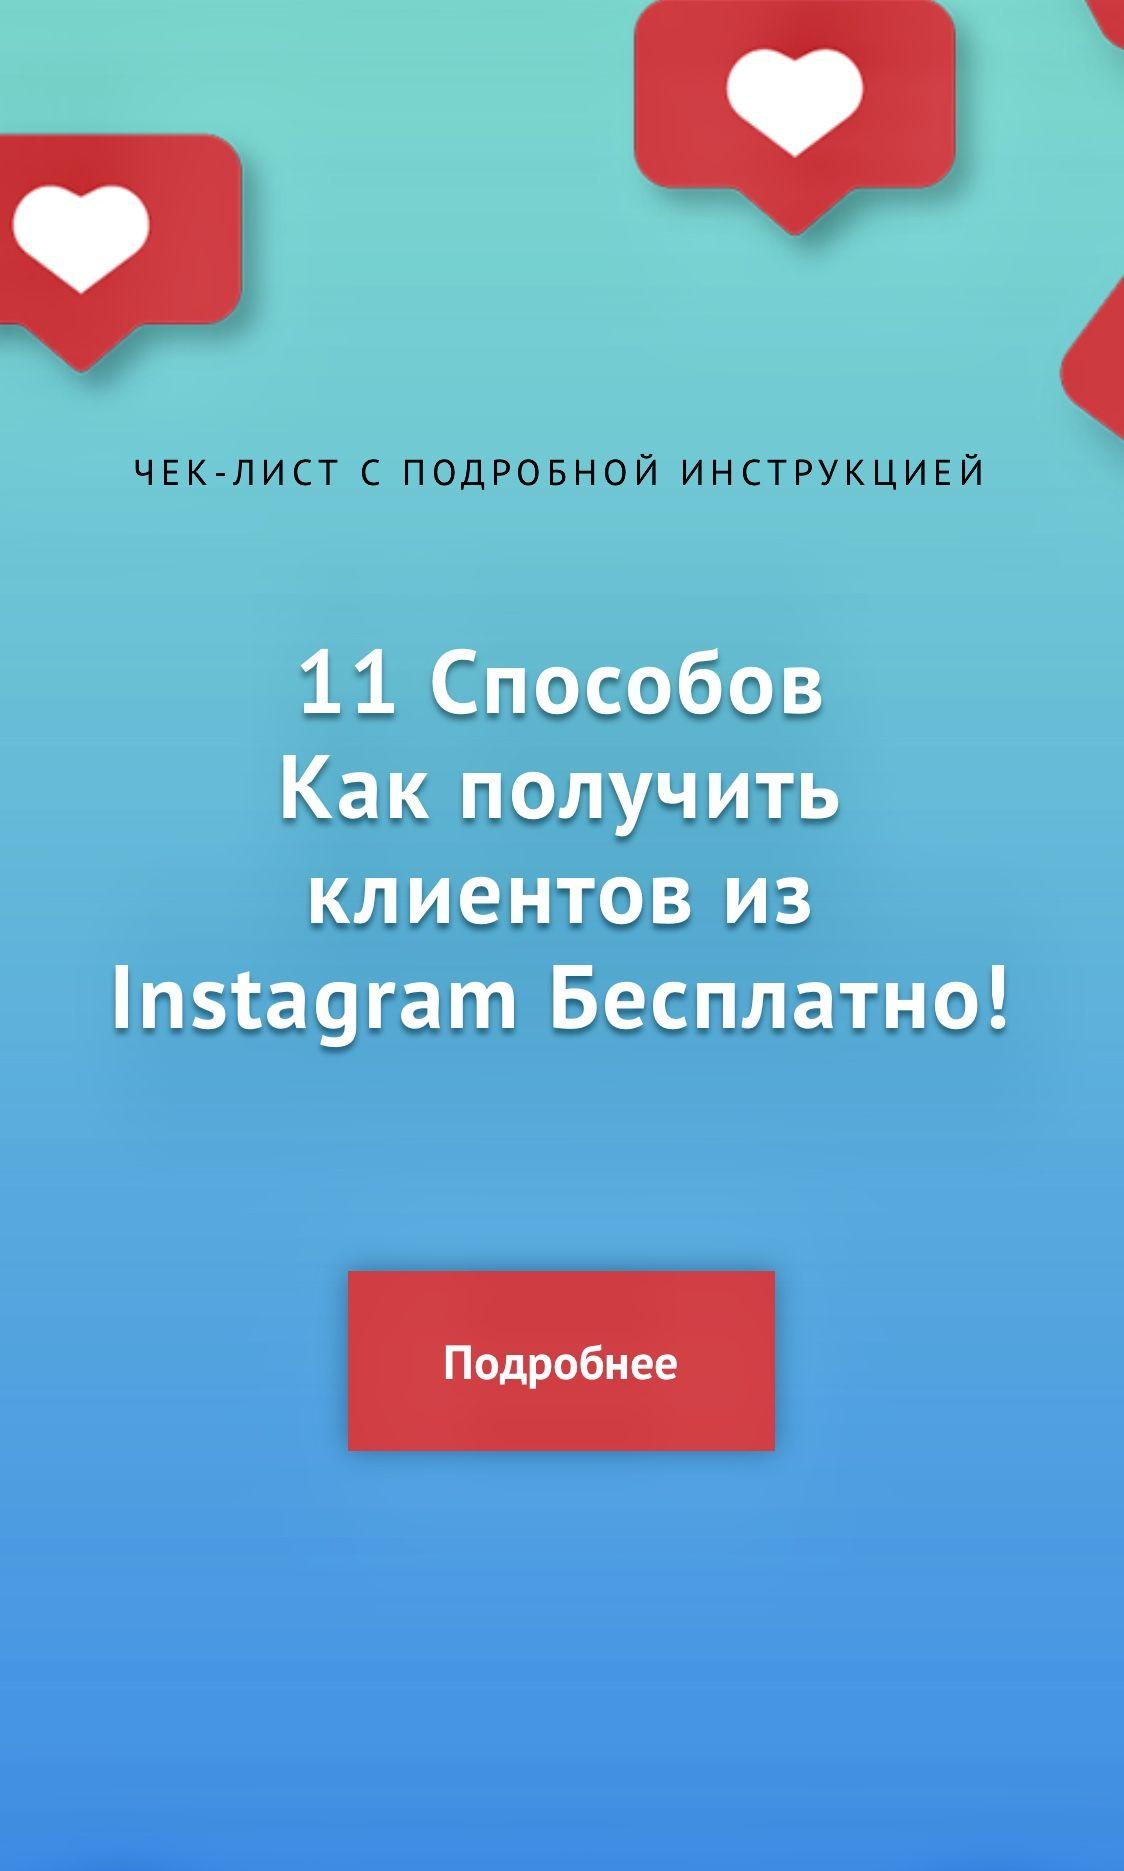 реклама в инстаграм примеры